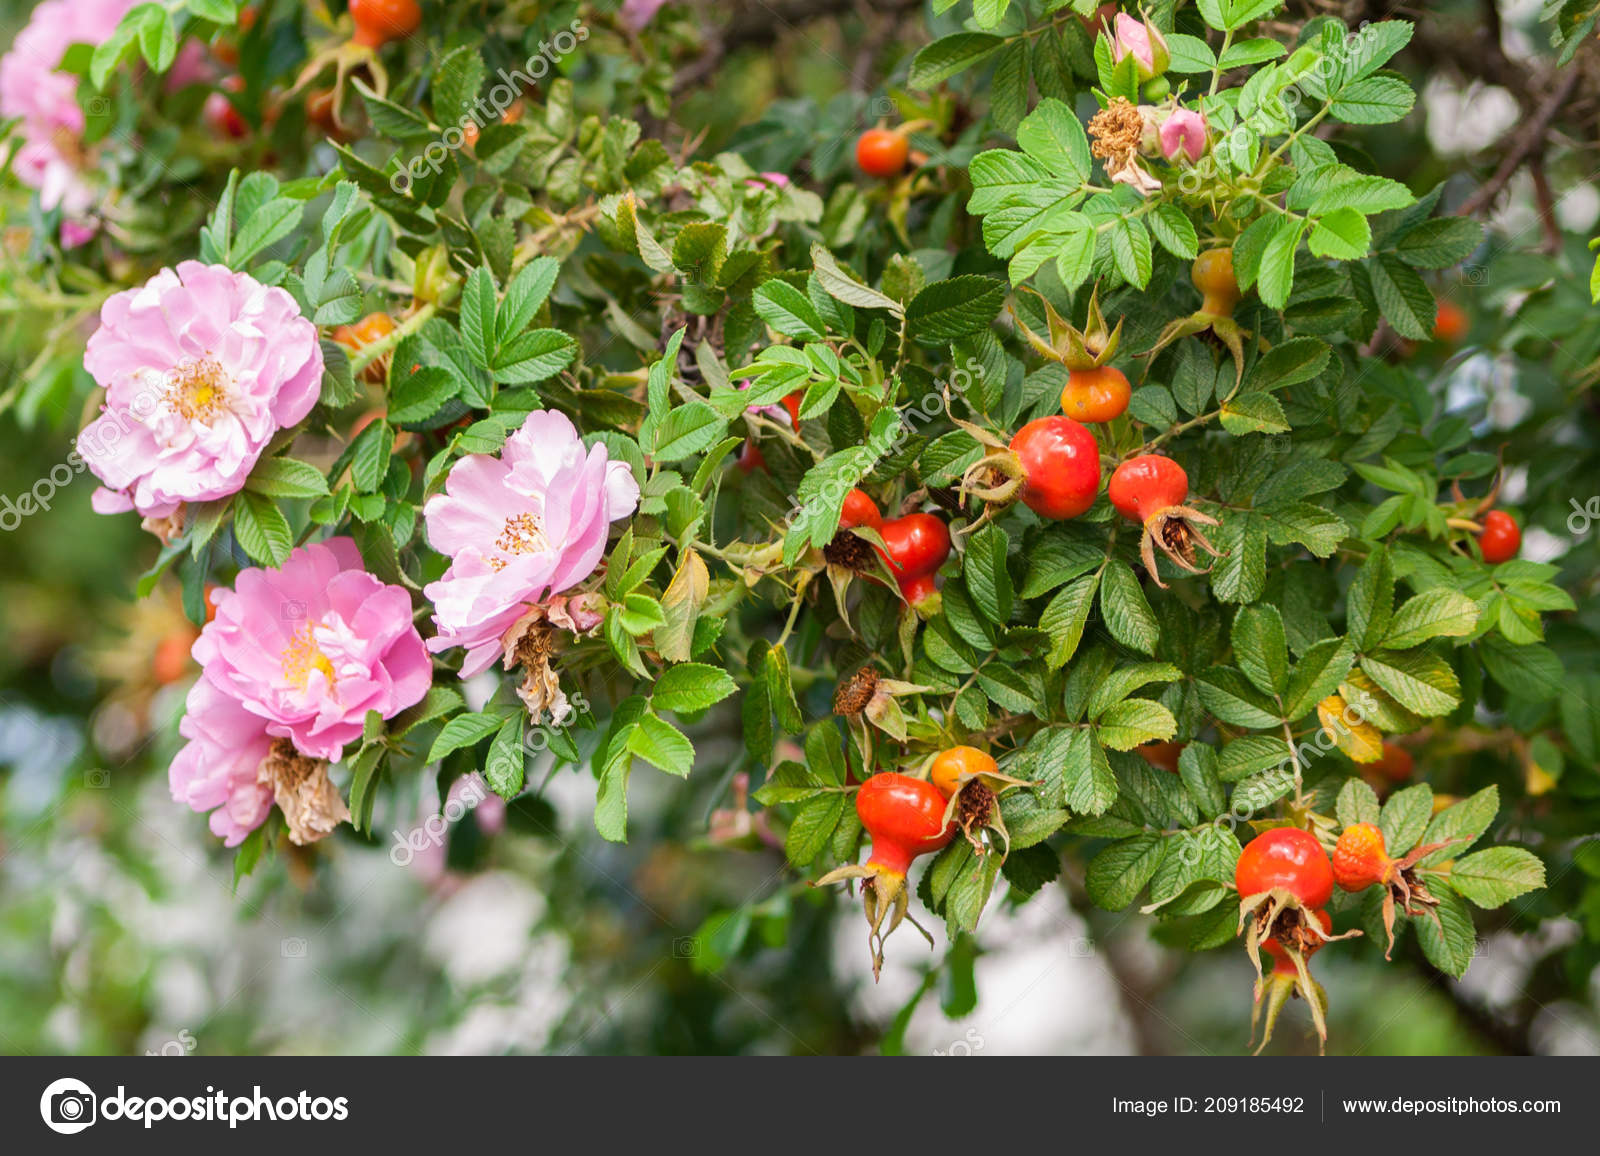 Unas Rosas Muchos Los Escaramujos Una Rama Grande Verano